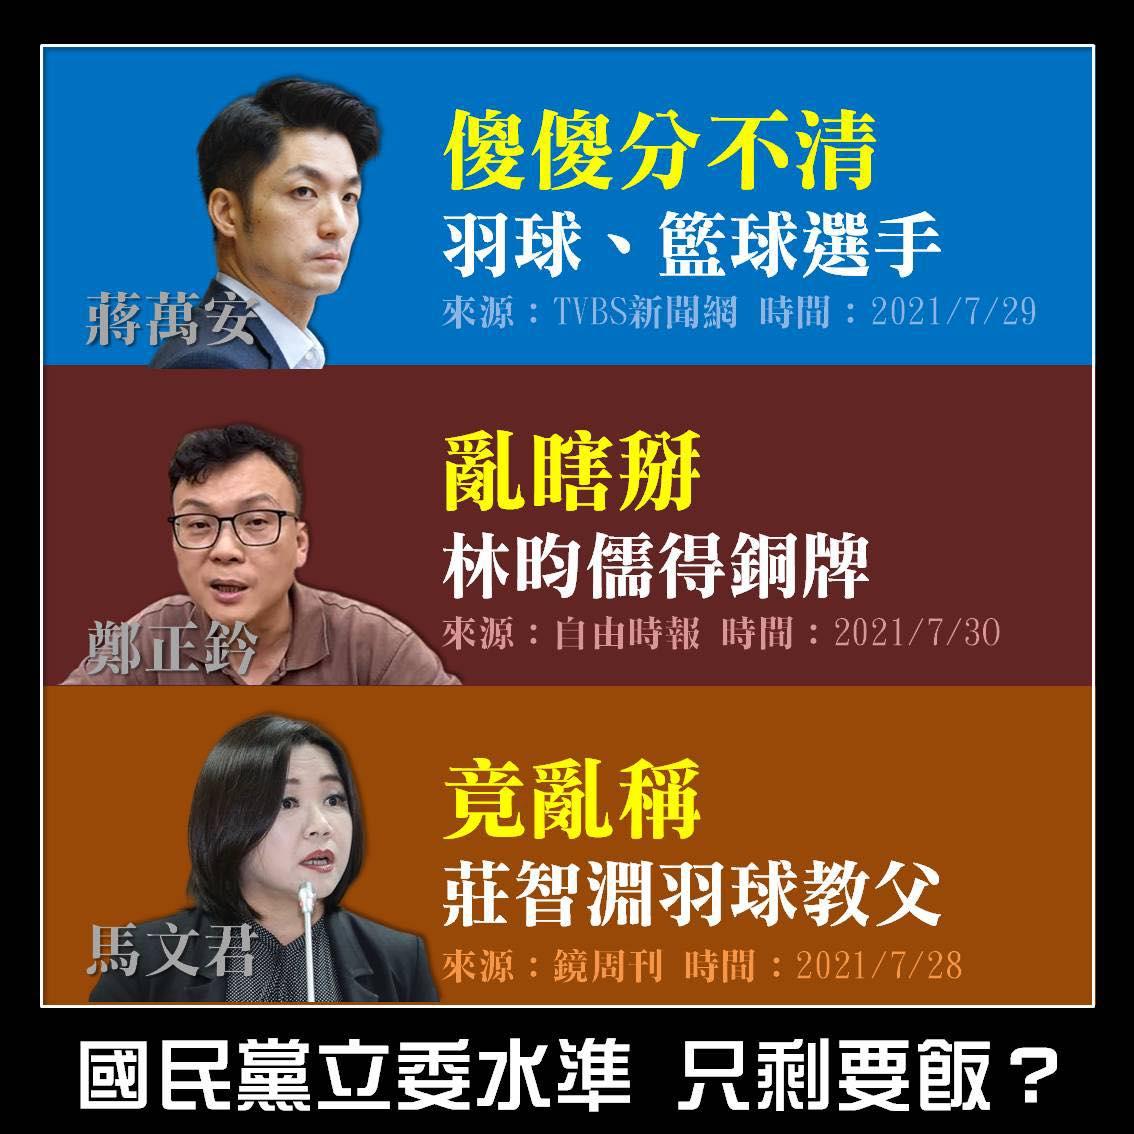 國民黨立委亂蹭東奧